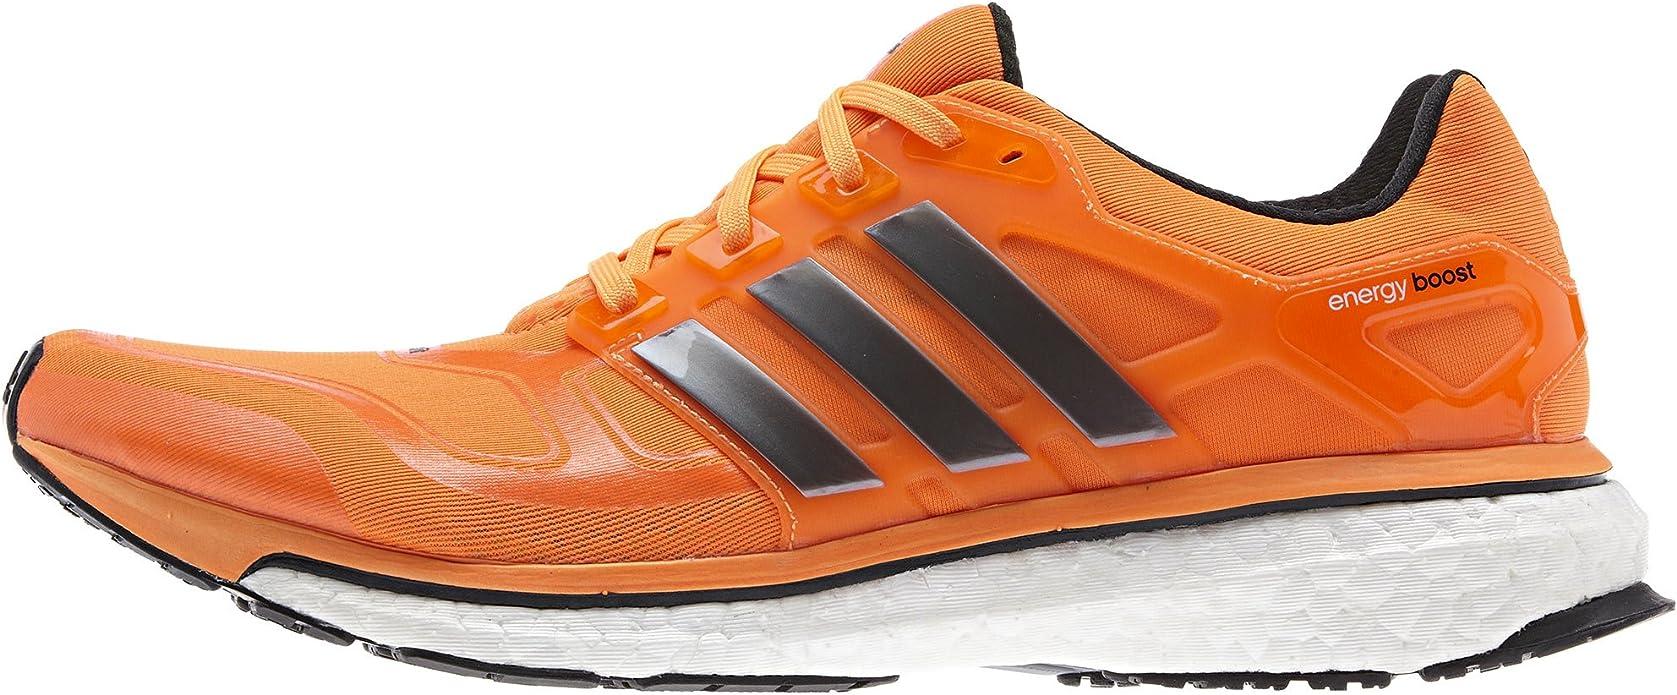 adidas Performance Energy Boost 2, Zapatillas para Hombre, Orange ...